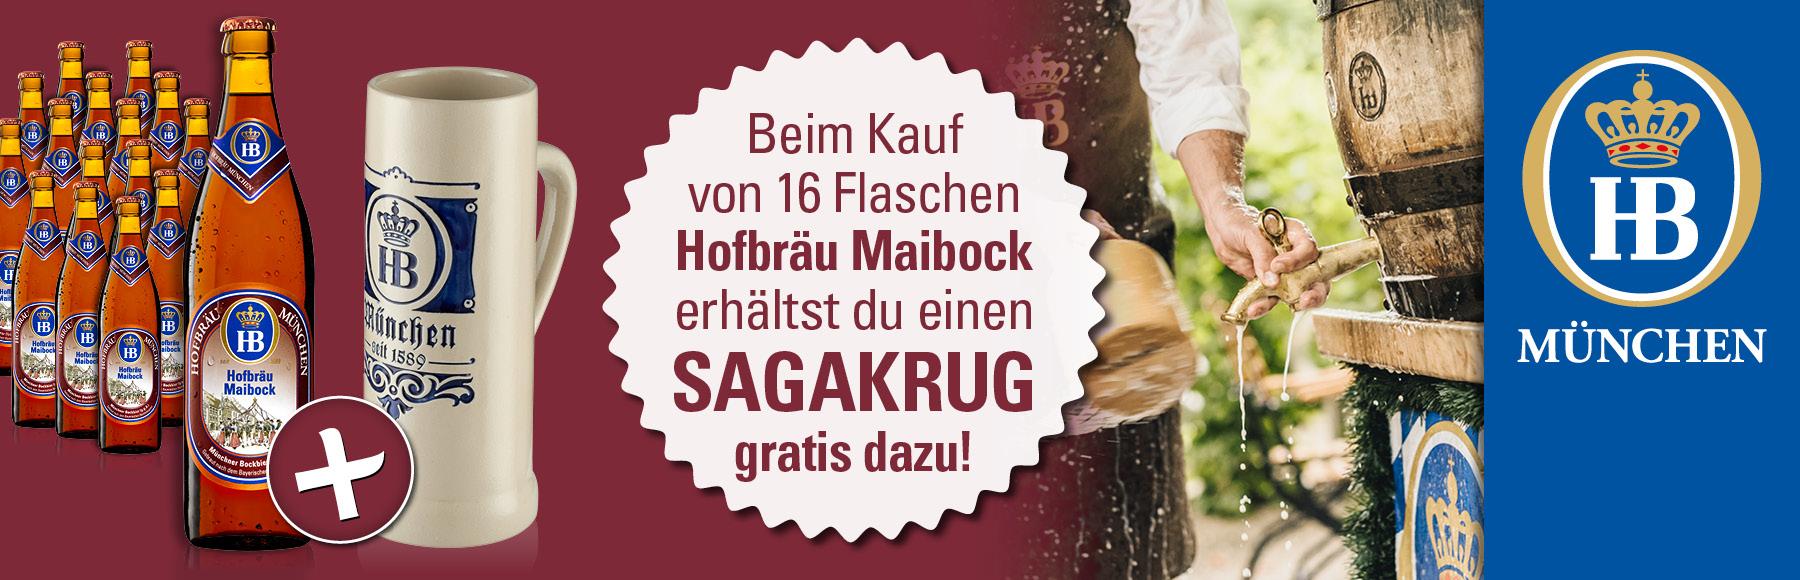 Wieder im Angebot der Hofbräu Maibock - jetzt bestellen!